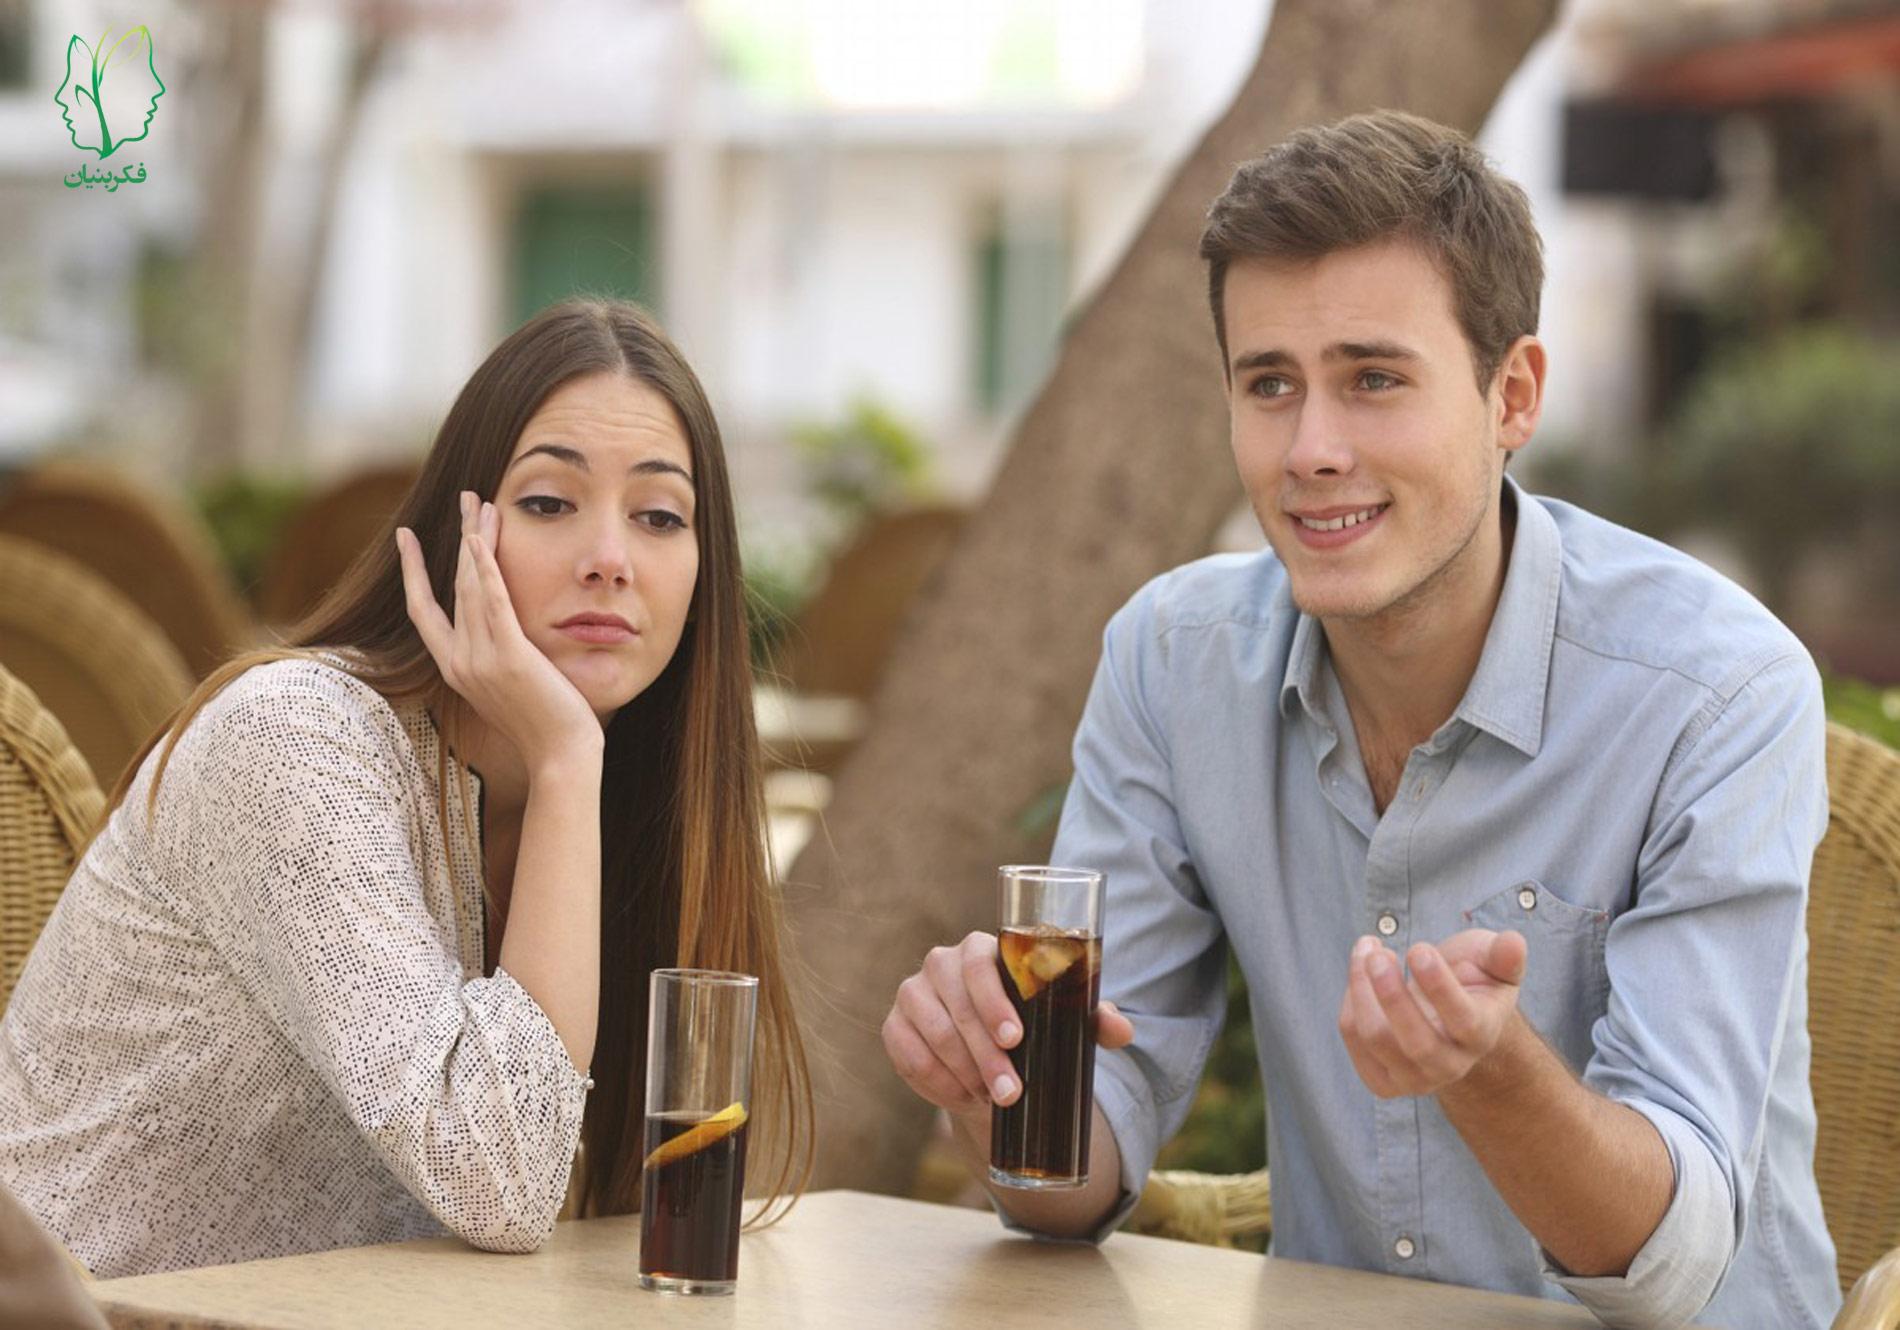 آشنایی برای ازدواج چیست؟